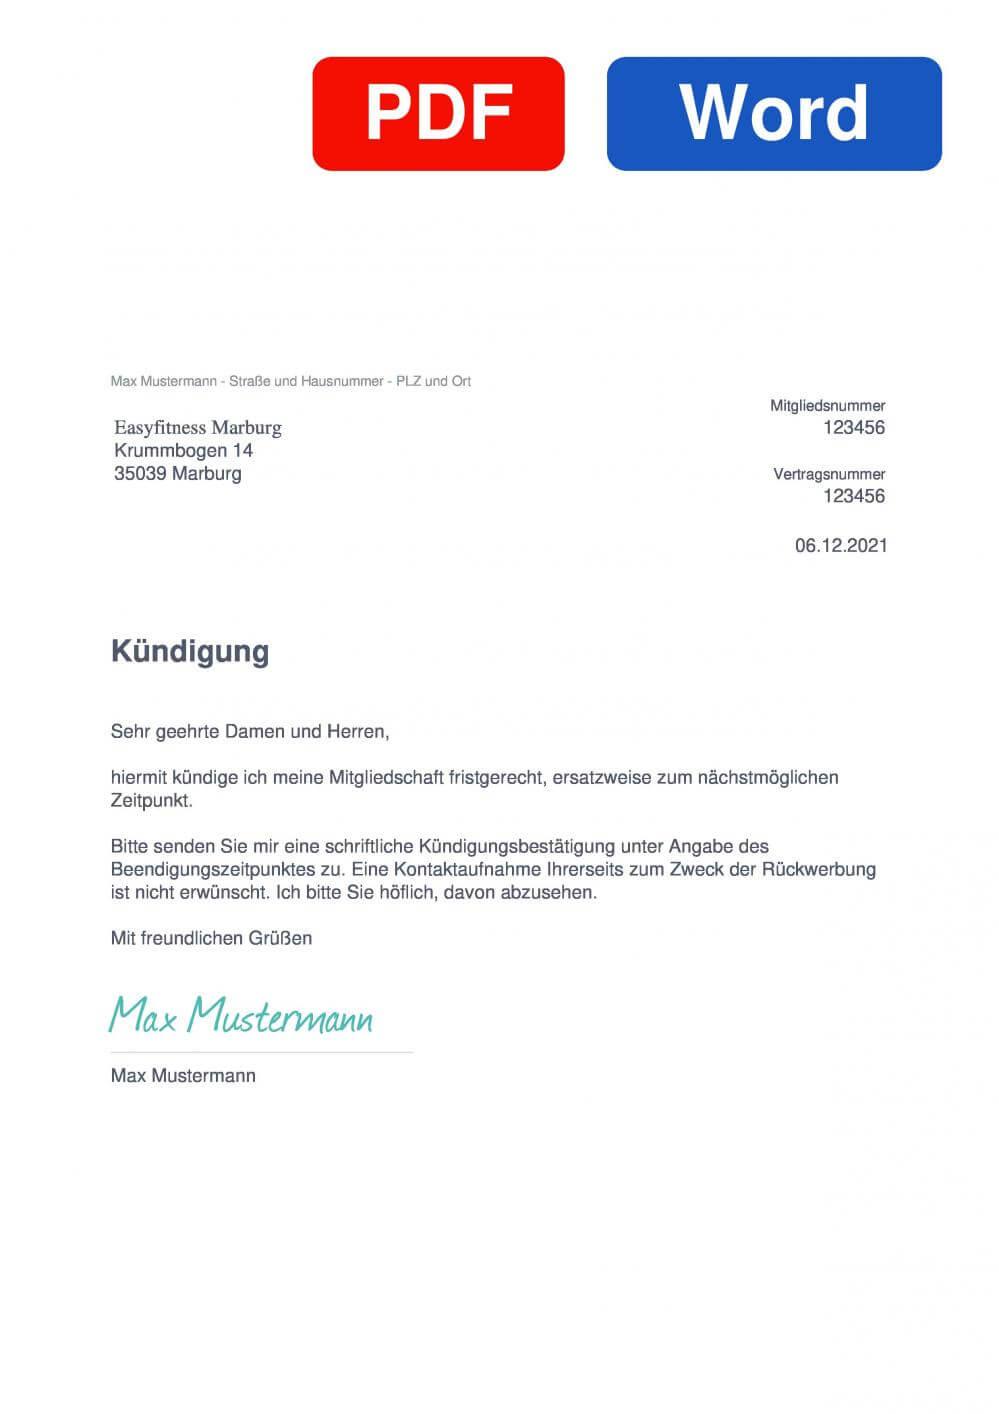 EASYFITNESS Biedenkopf Muster Vorlage für Kündigungsschreiben